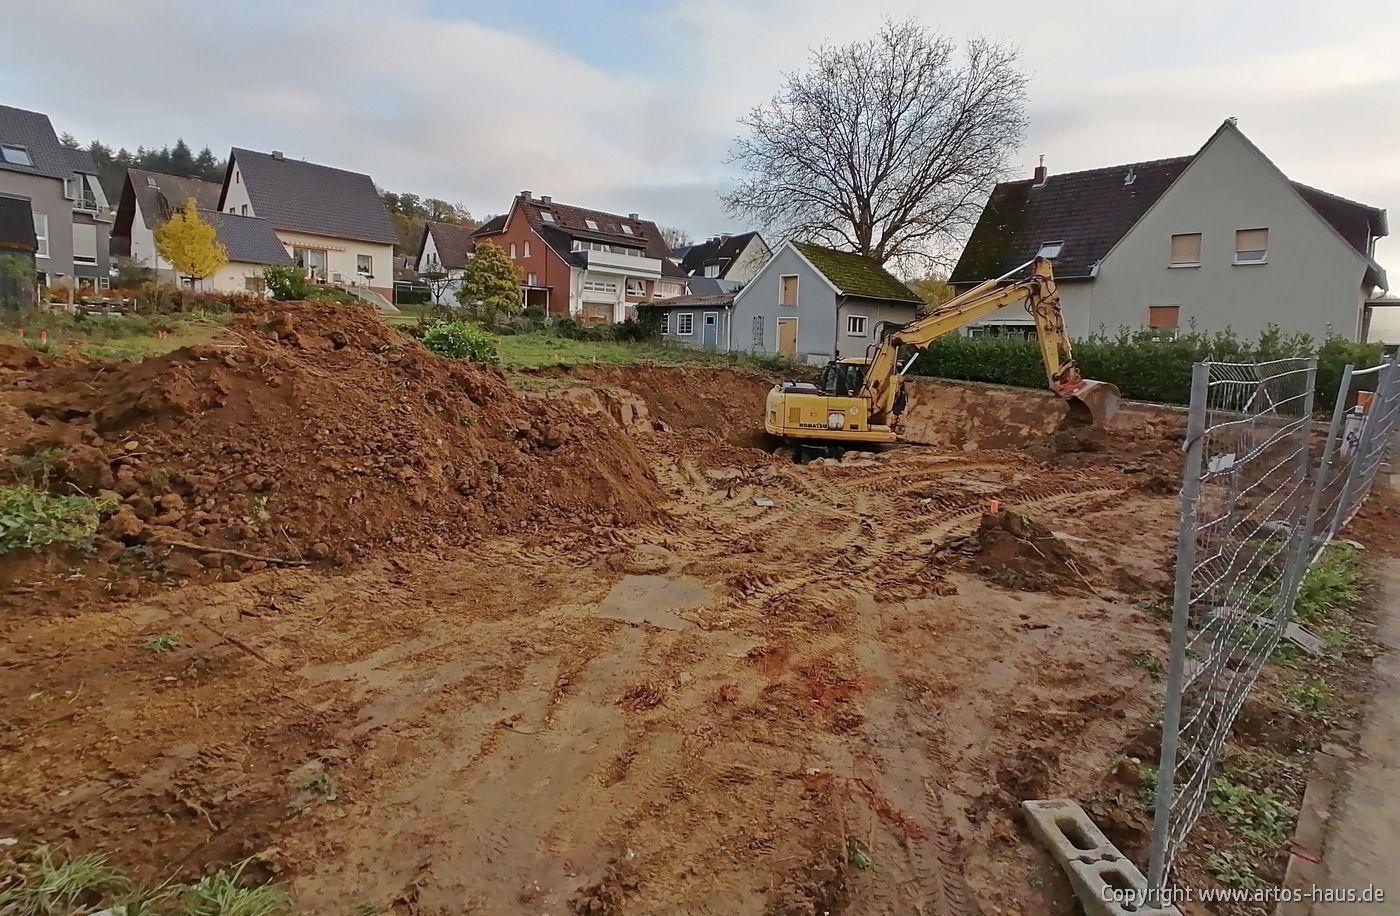 Start der Erdarbeiten für ein neues ARTOS HAUS Bauvorhaben in Bonn Bad Godesberg (Zweifamilienhaus)